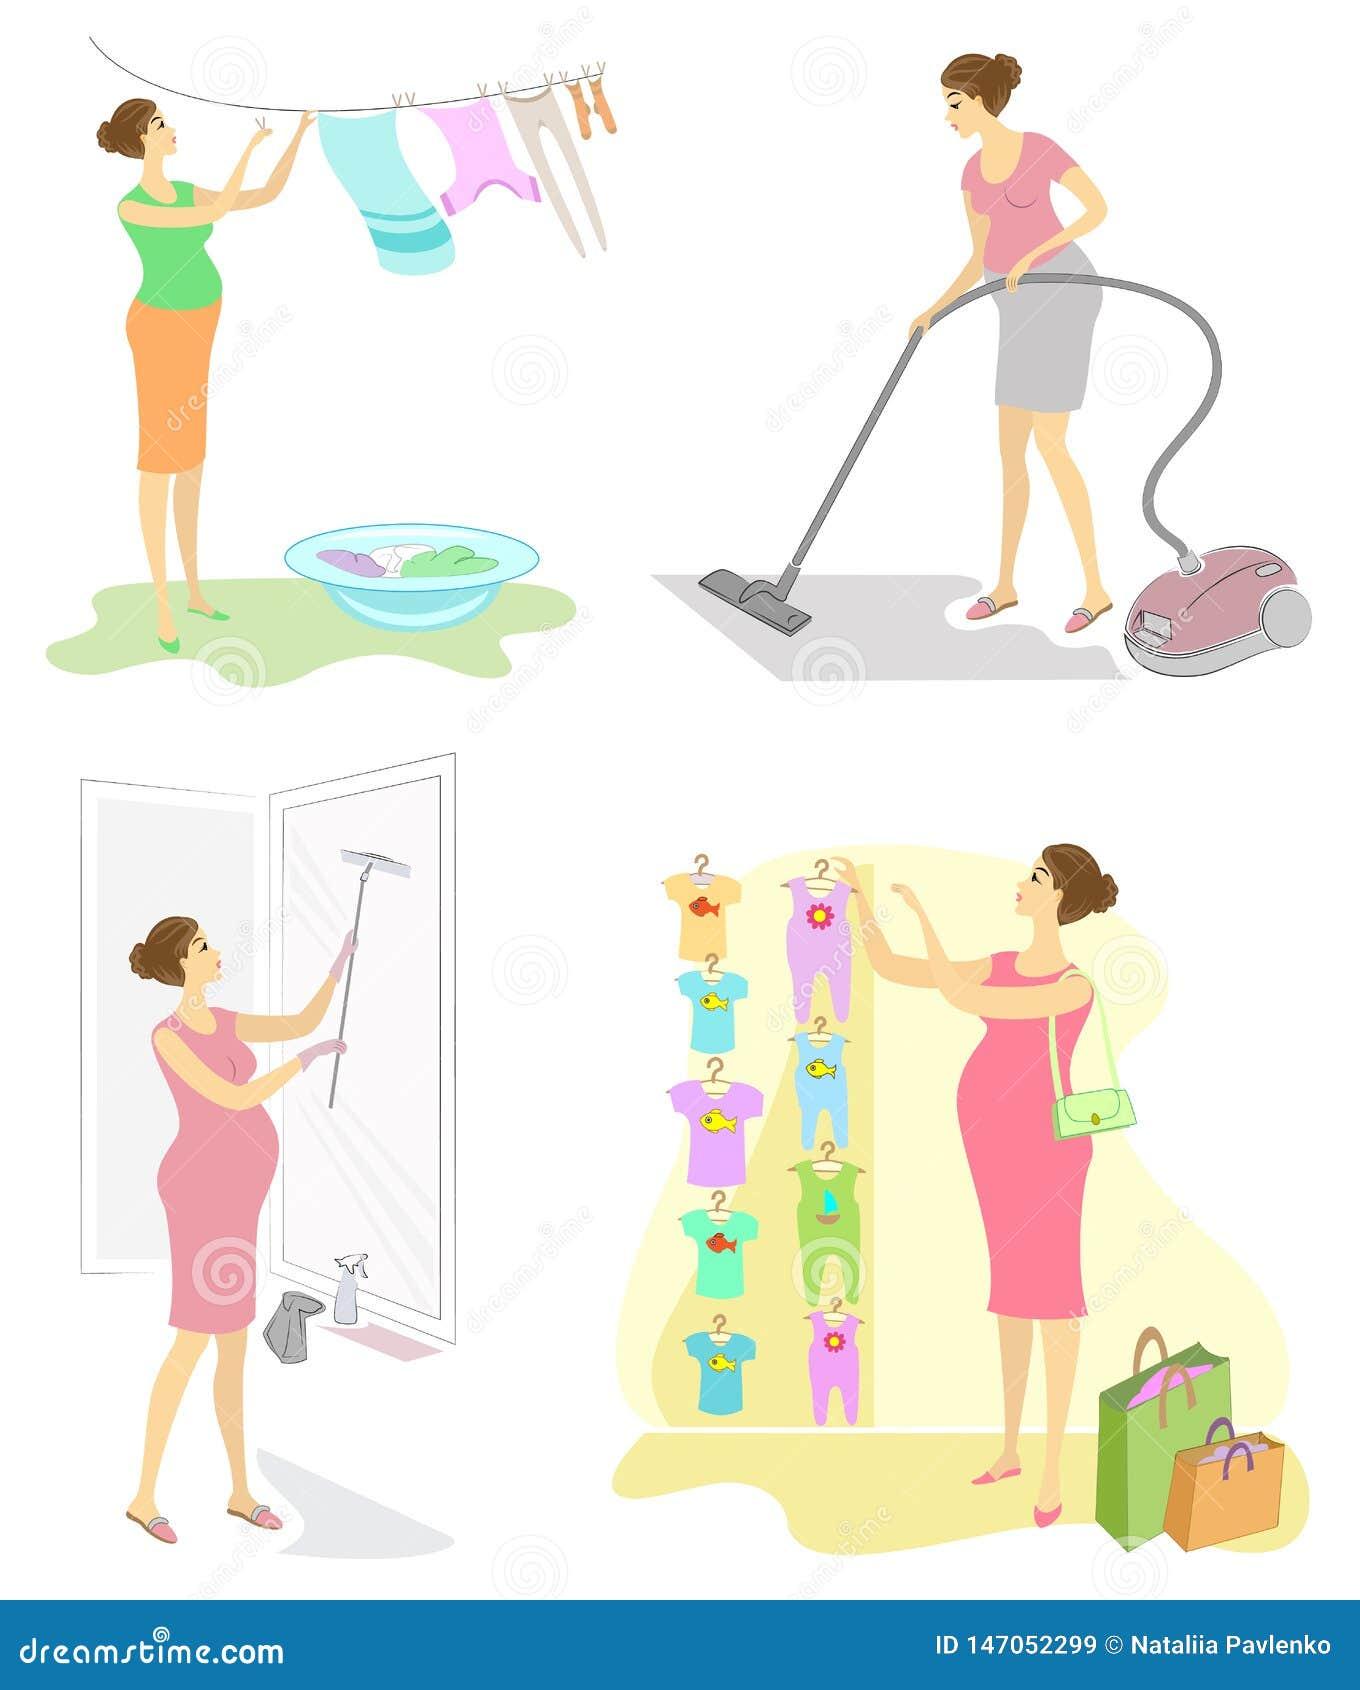 Samling Profil av en gullig gravid dam Gör ren rummet med en dammsugare, häng tvätterit, tvätta fönstren, köpkläder